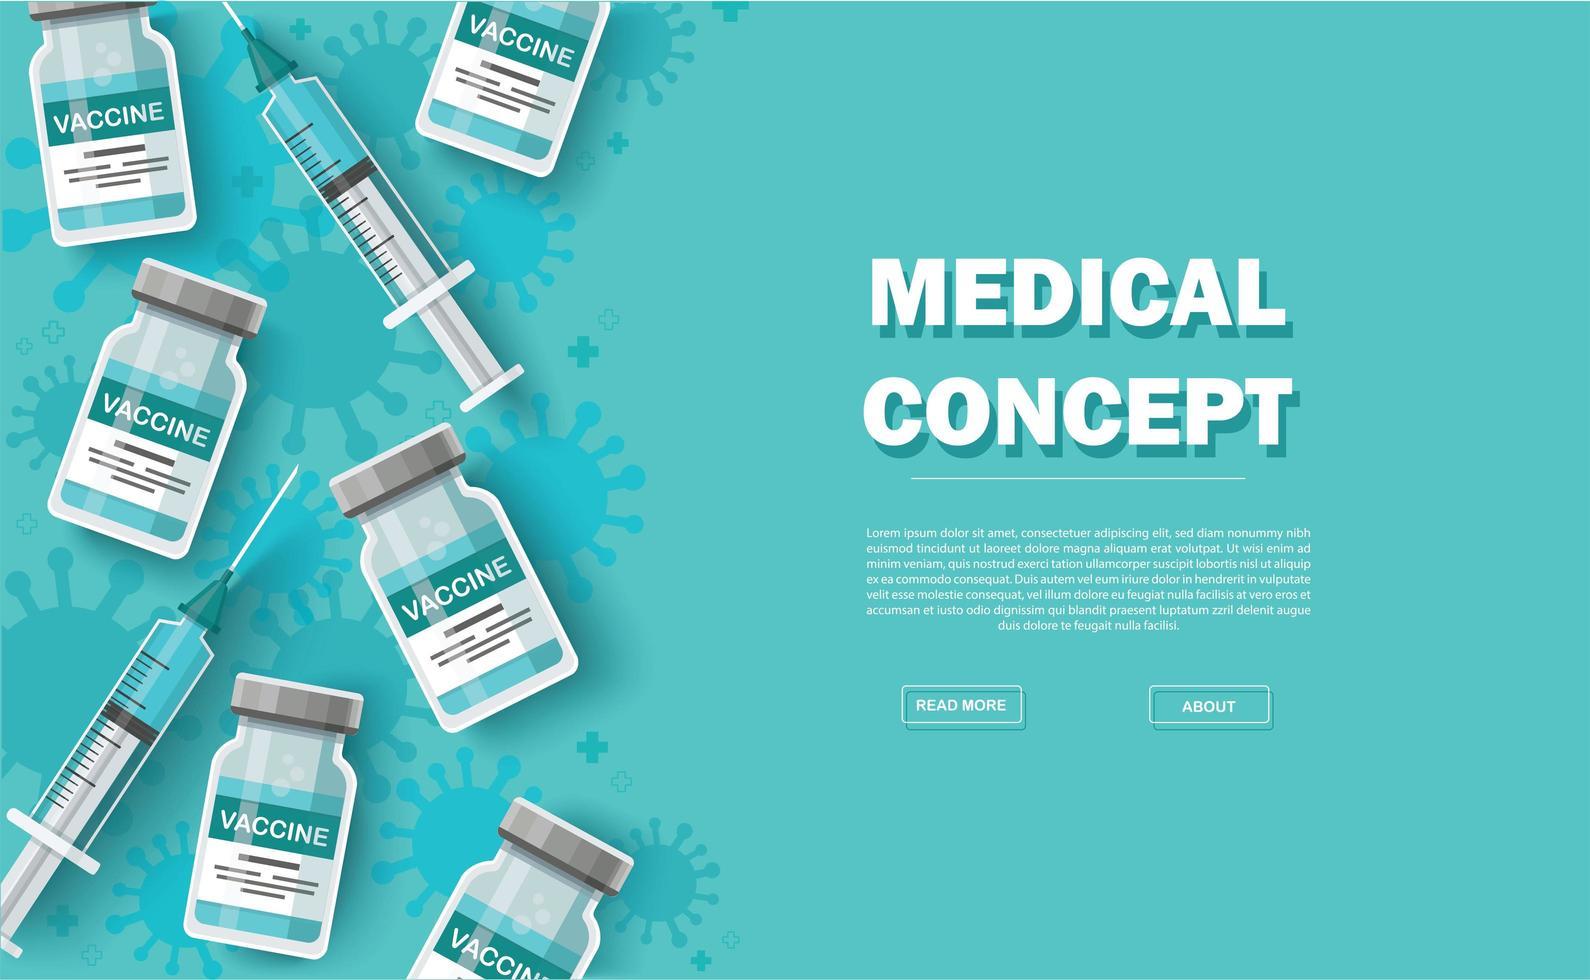 vaccin bakgrund. vaccinationskoncept. hälsovård och skydd. vektor illustration